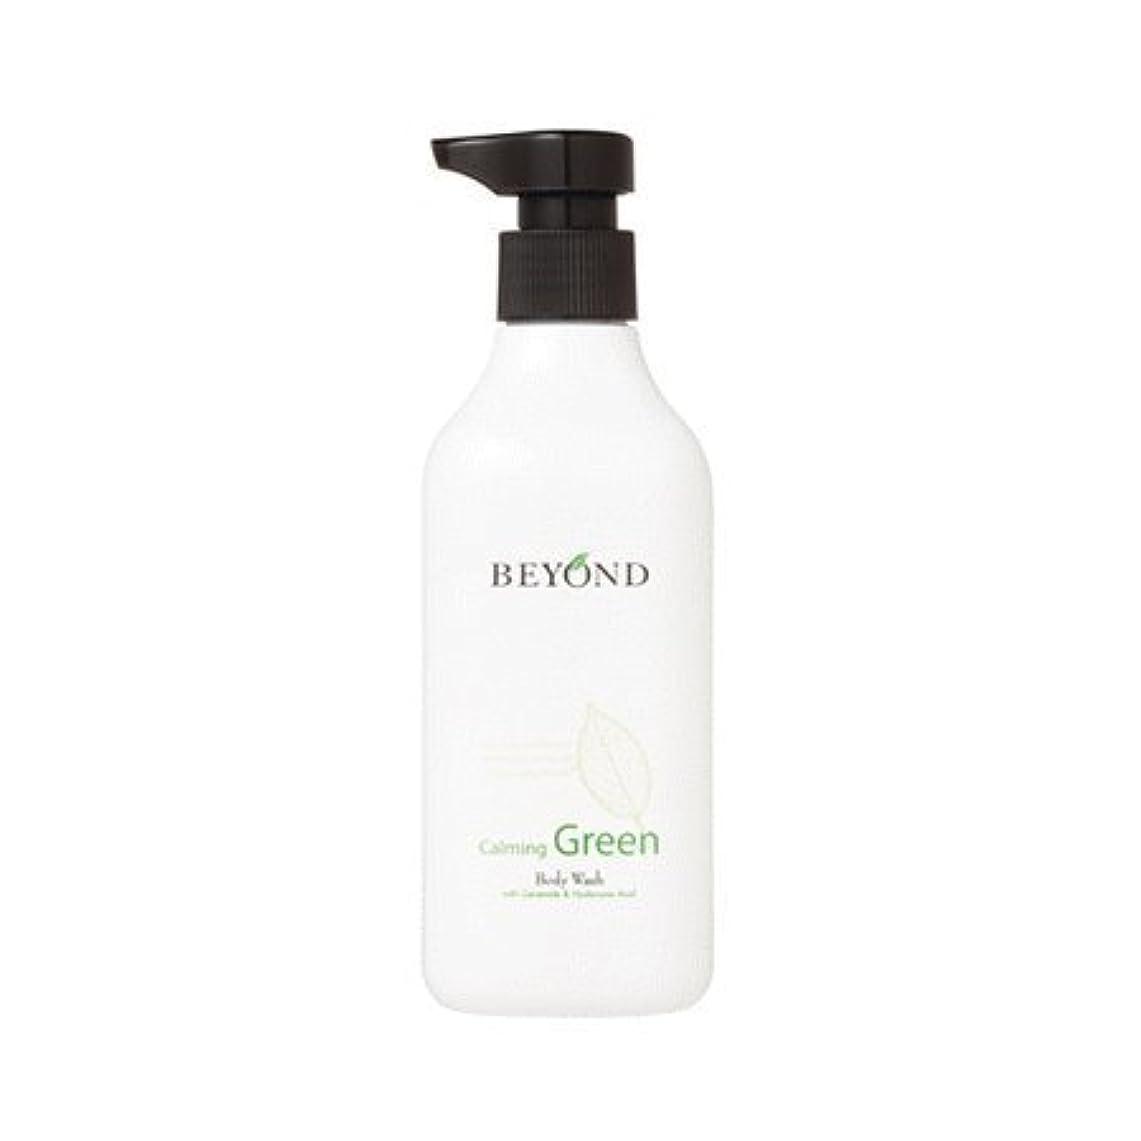 出費終わり歴史Beyond calming green body wash 300ml